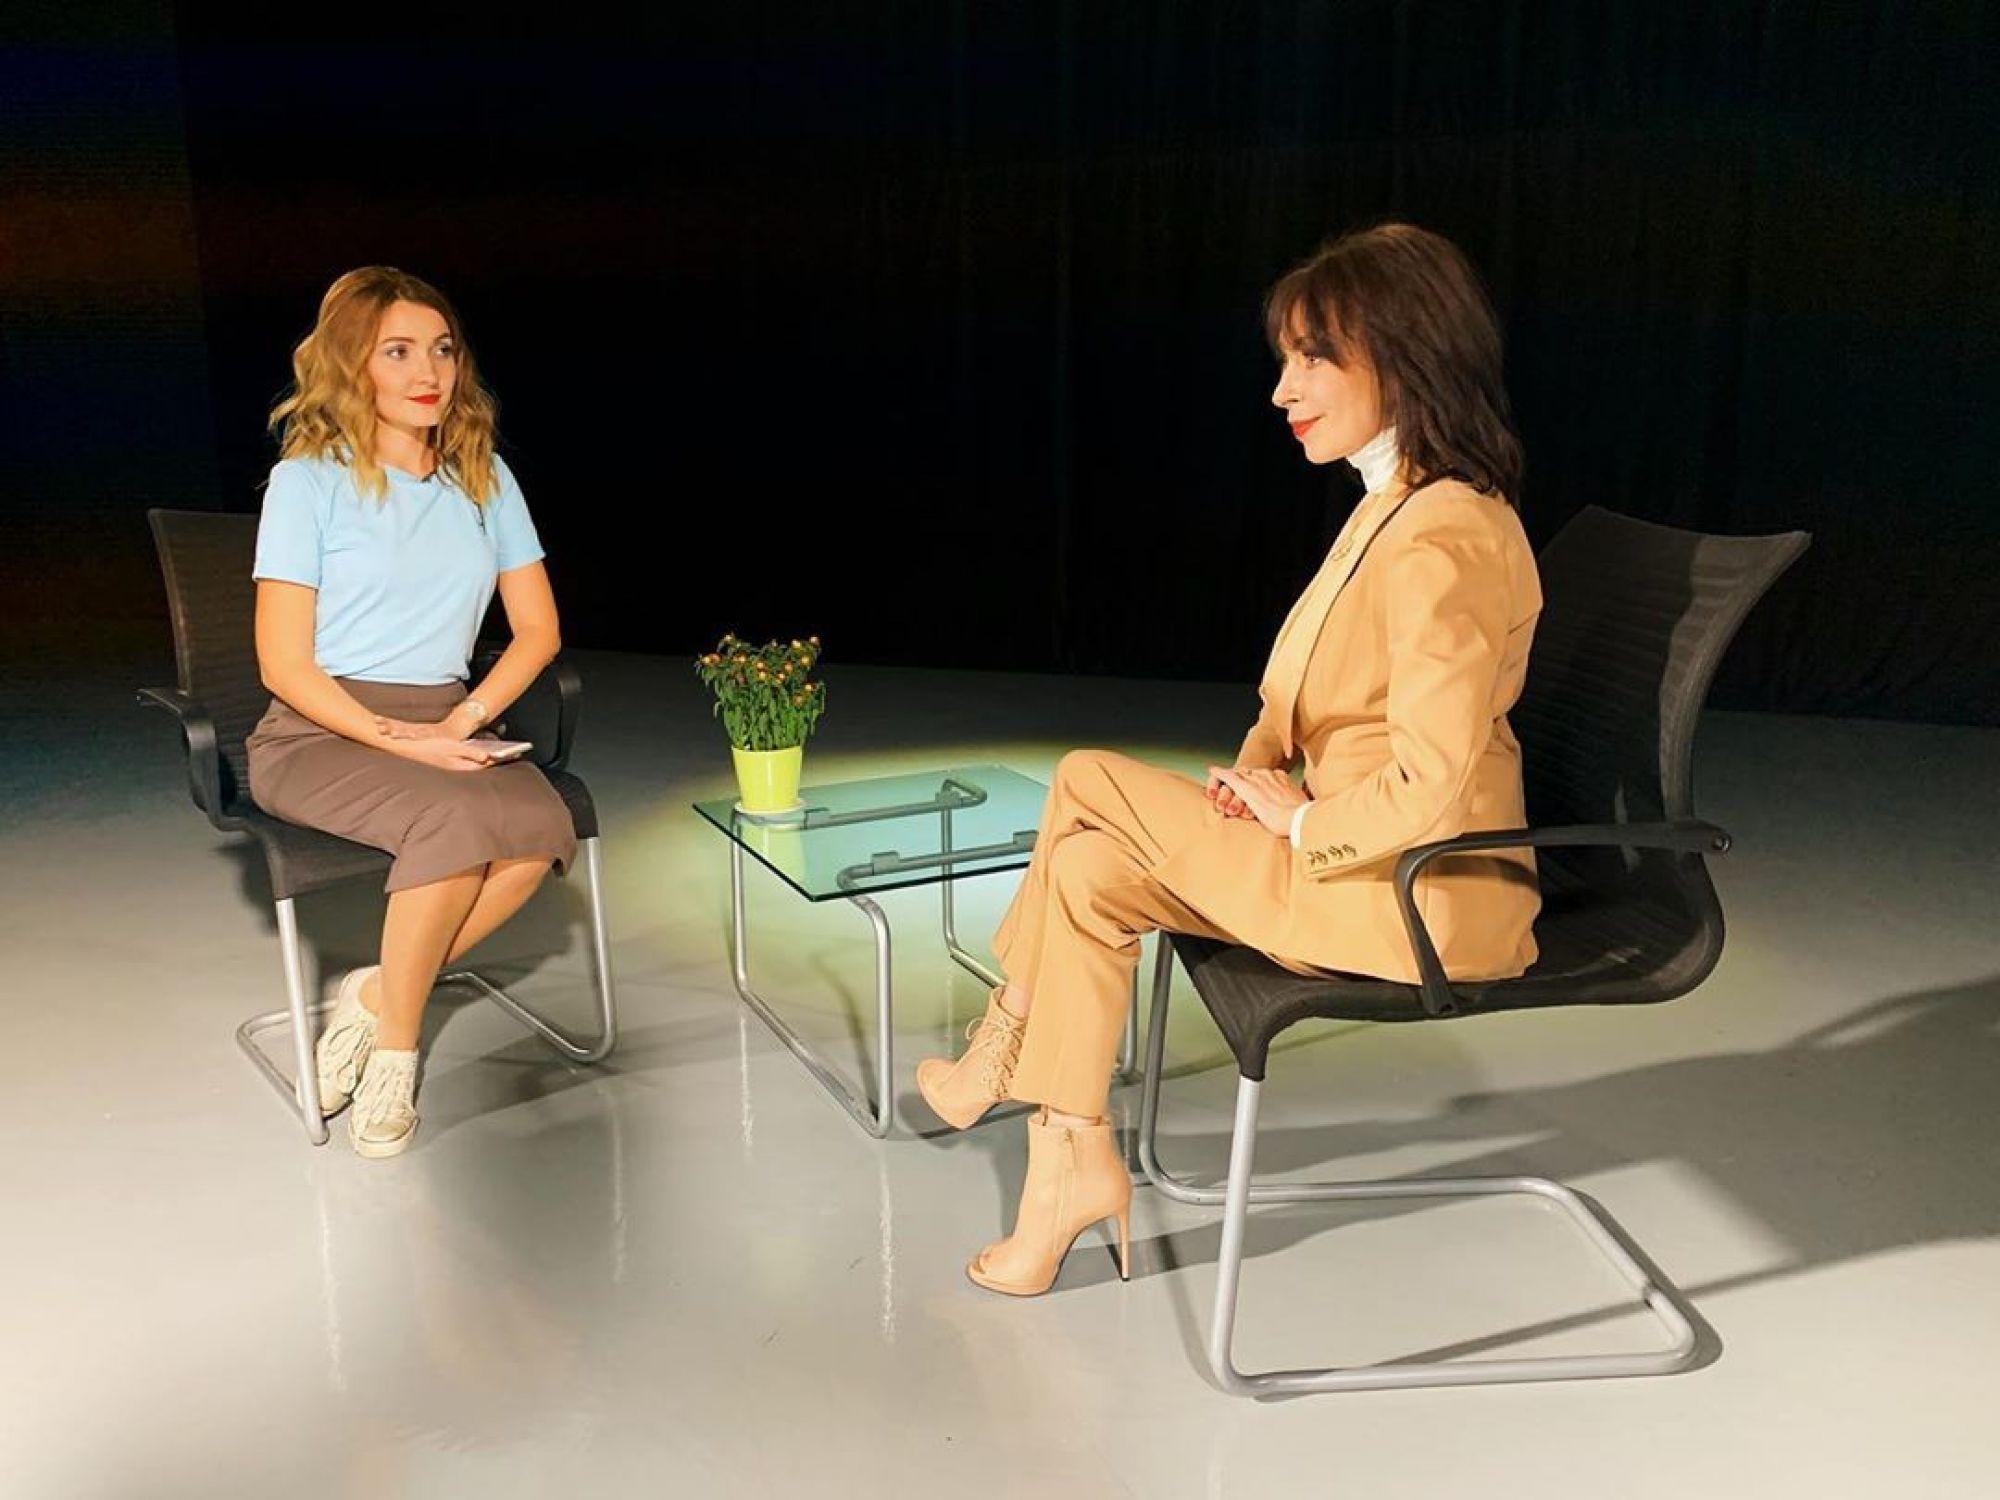 Марина Хлебникова рассказала о неизлечимой болезни